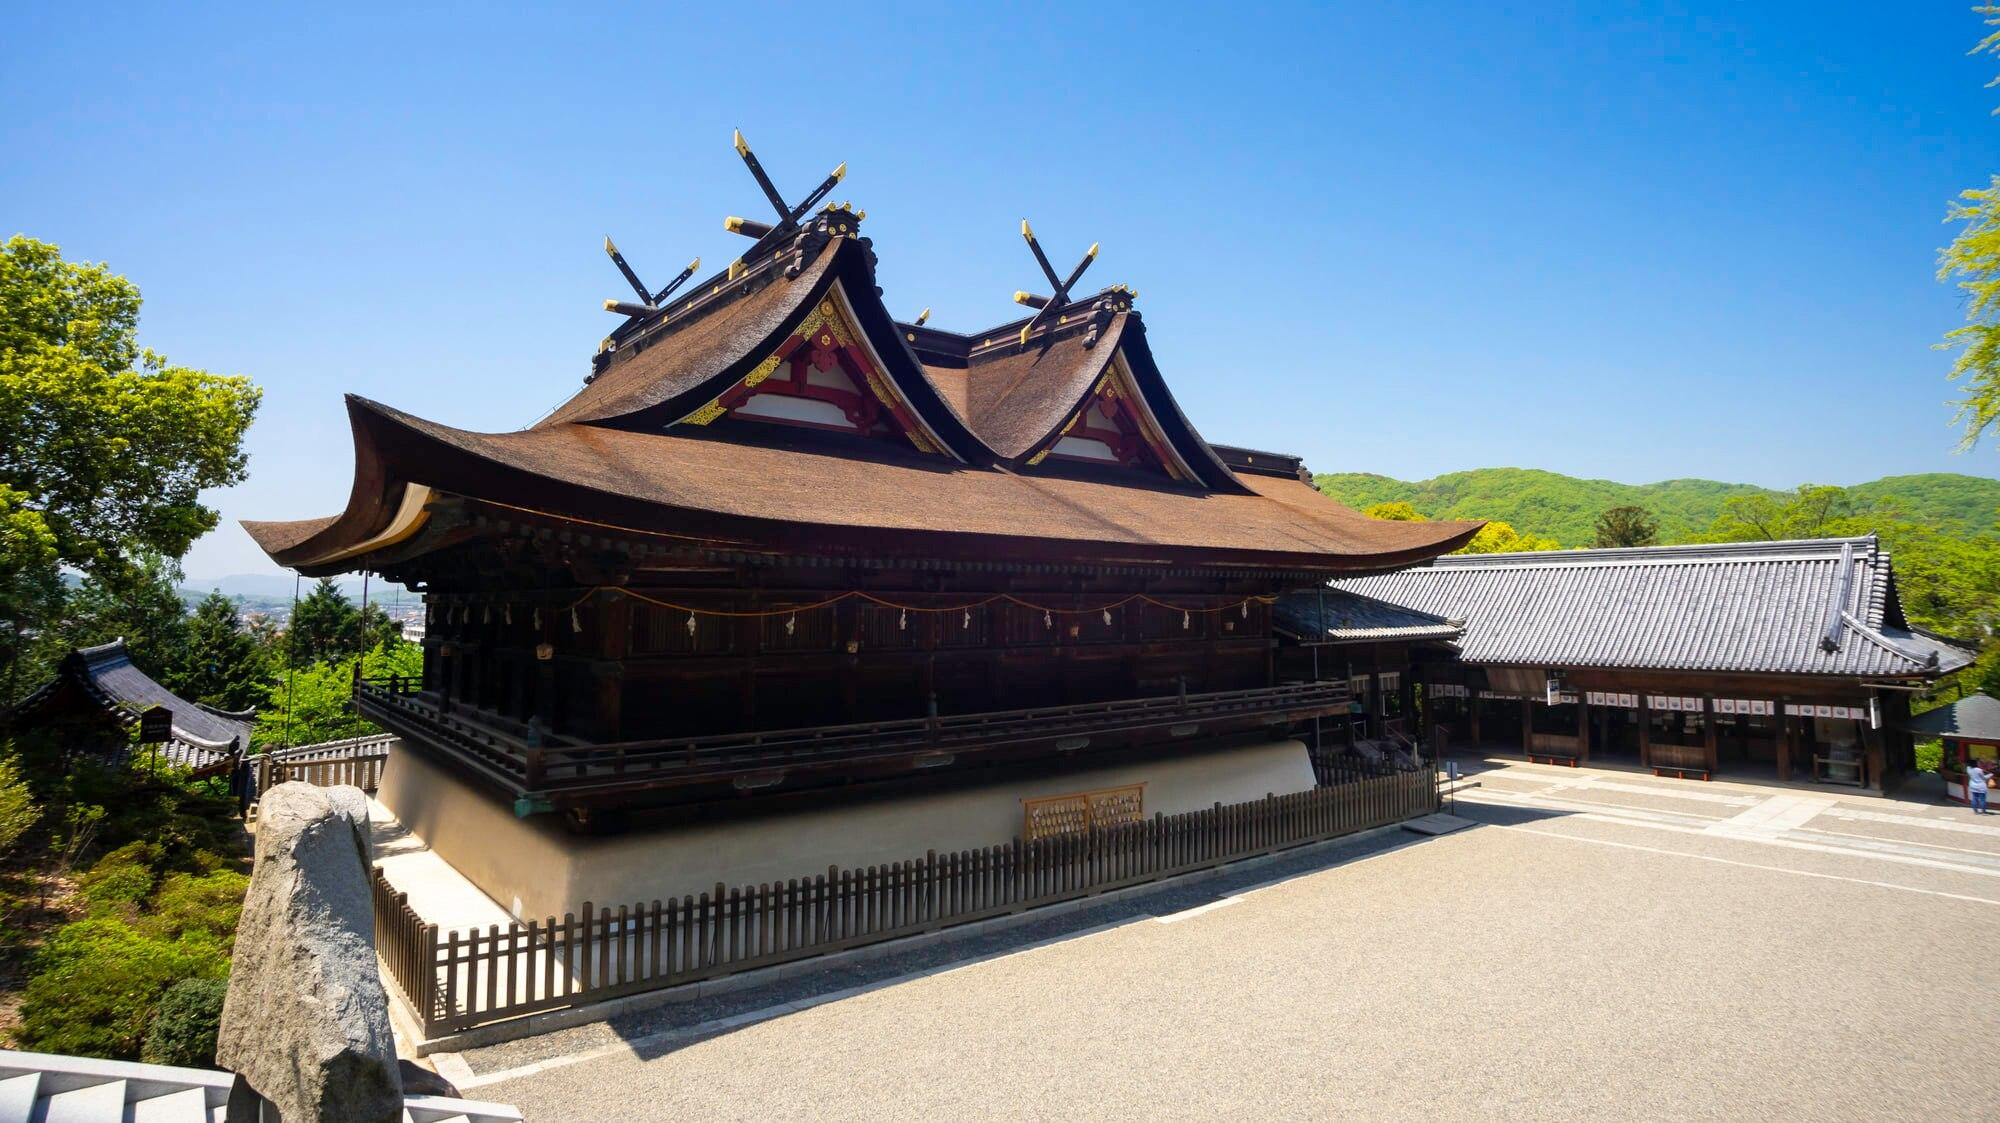 桃太郎ゆかりの吉備津神社で、見ておくべき観光のポイントを解説します!